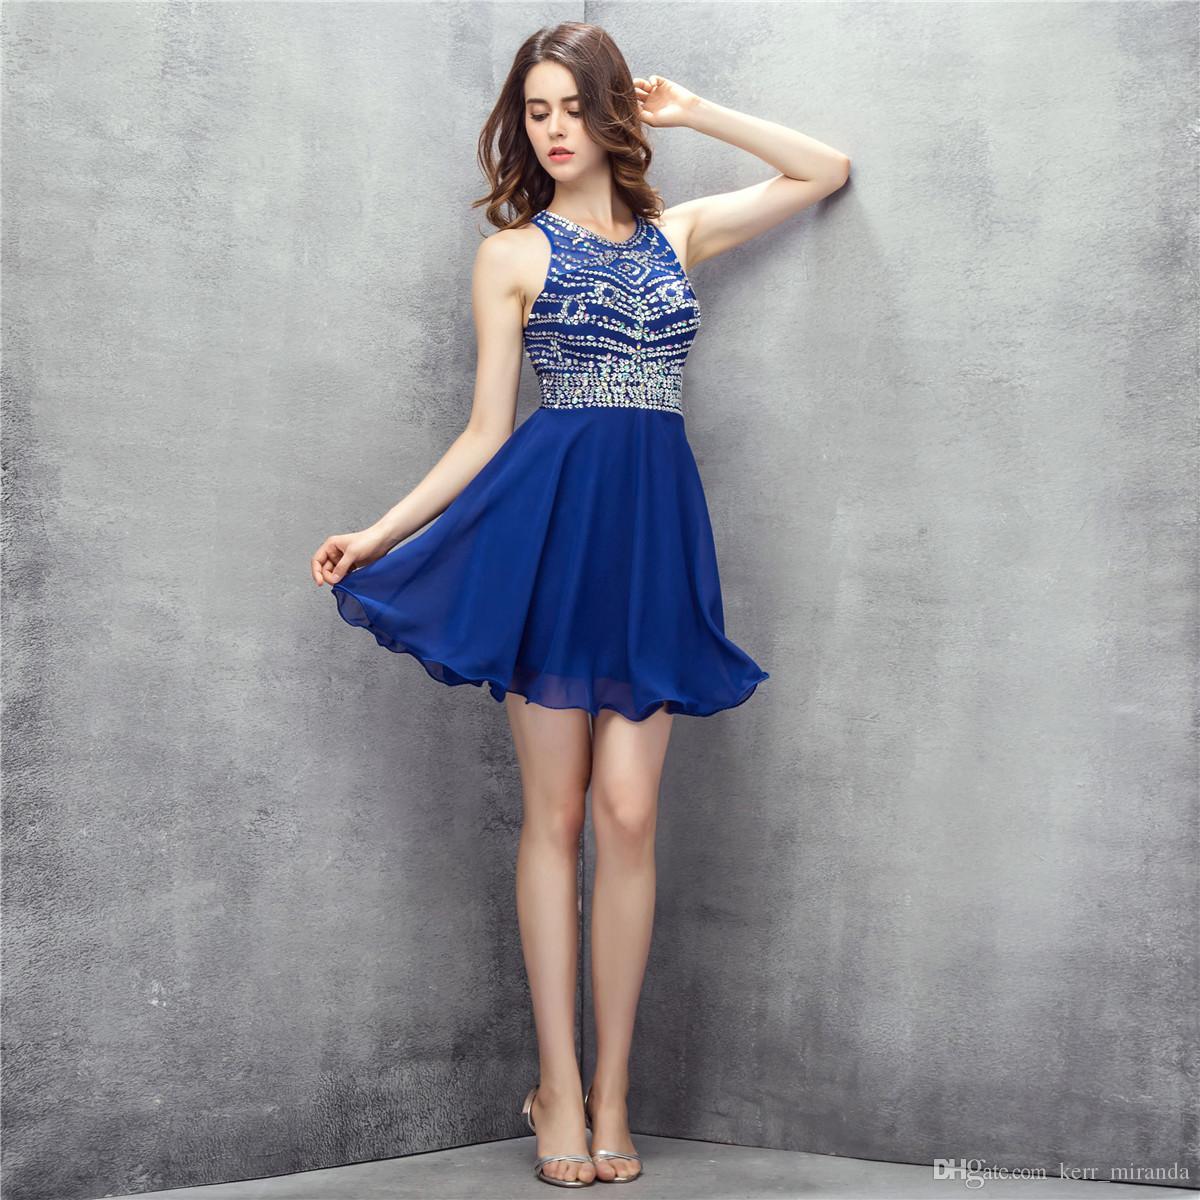 Sexy Royal Blue Krótkie Mini Koktajl Suknie Otwórz Wstecz Handmade Frezowanie Cocktail Prom Dresses Gownging DH308